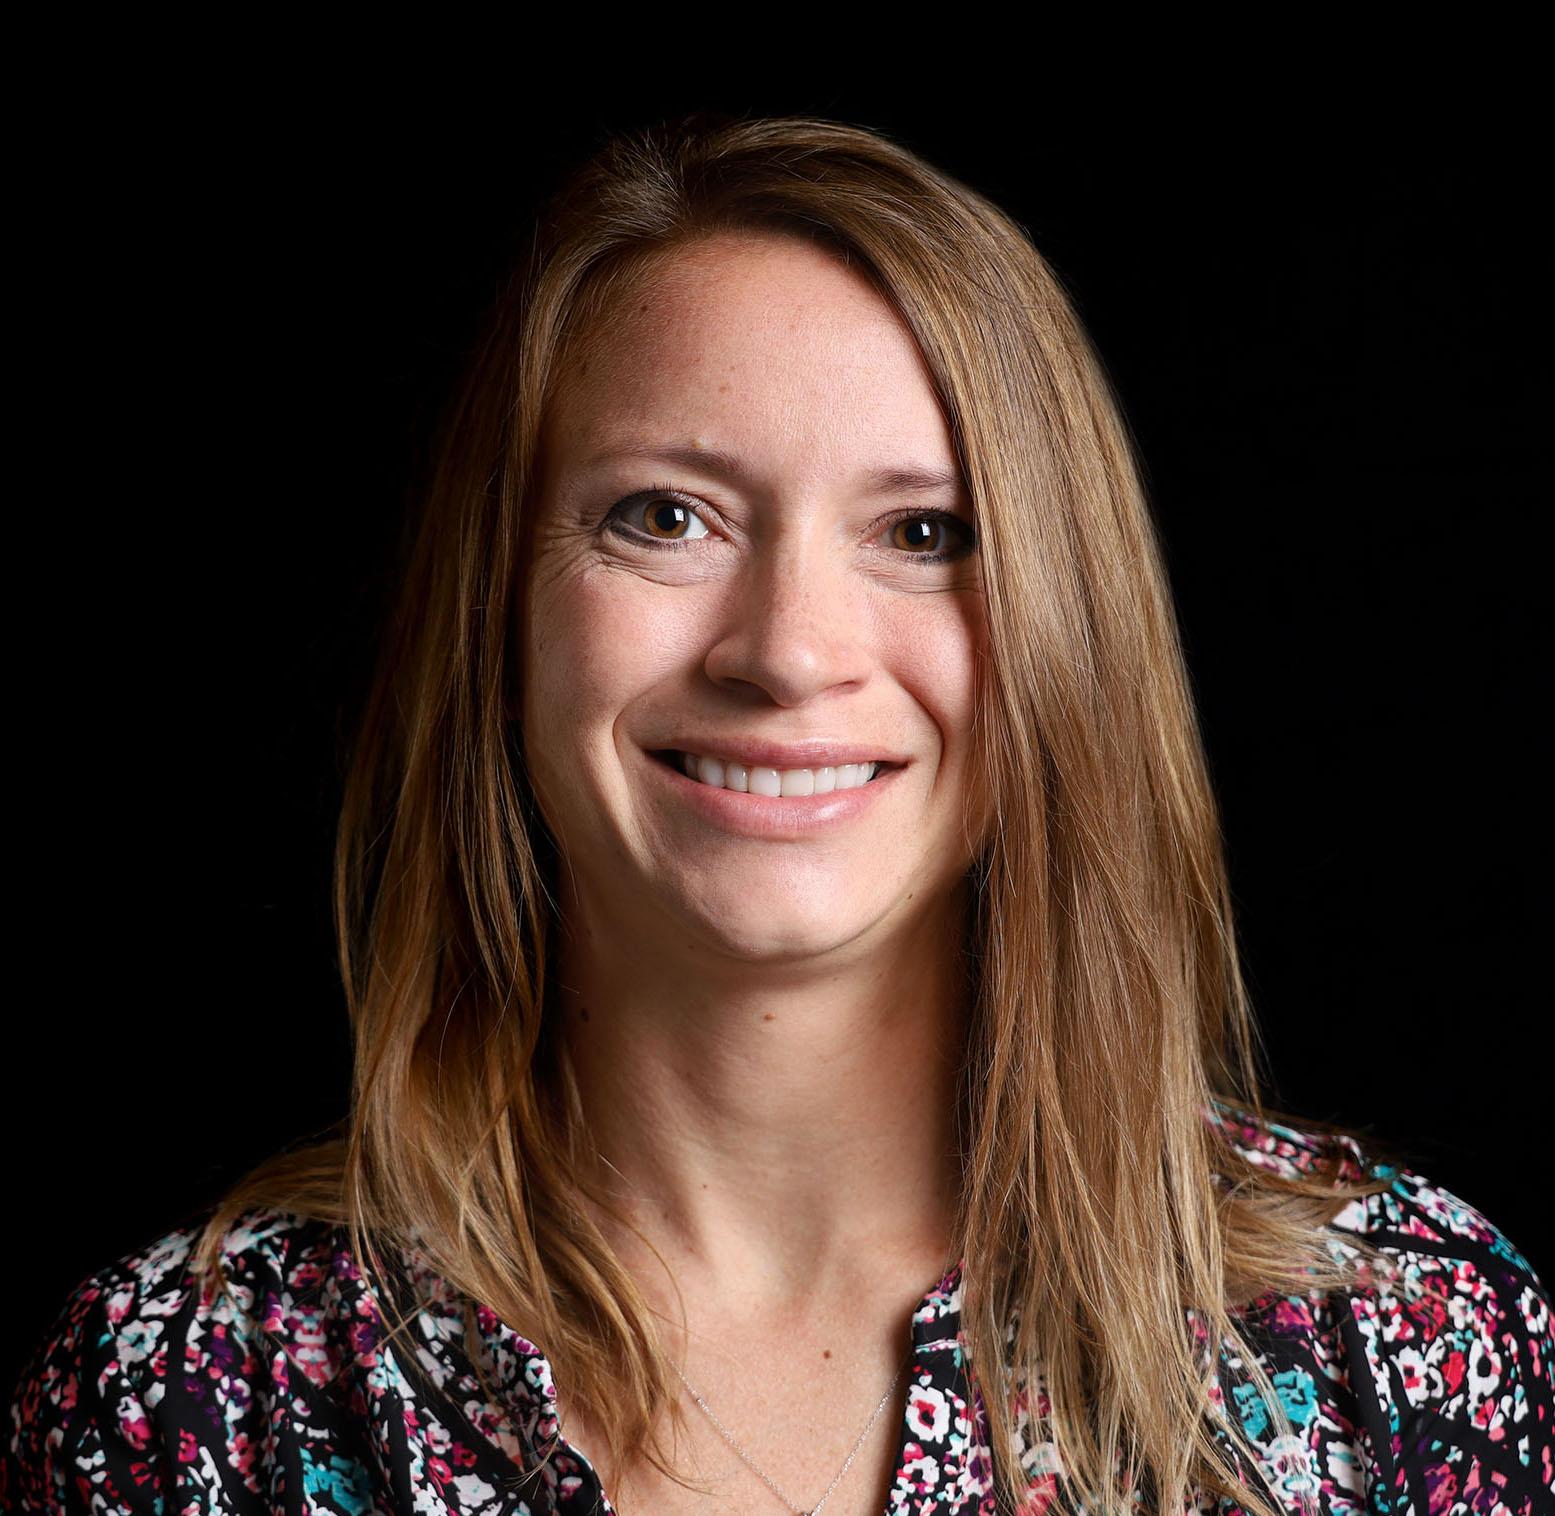 Sarah Tauiliili